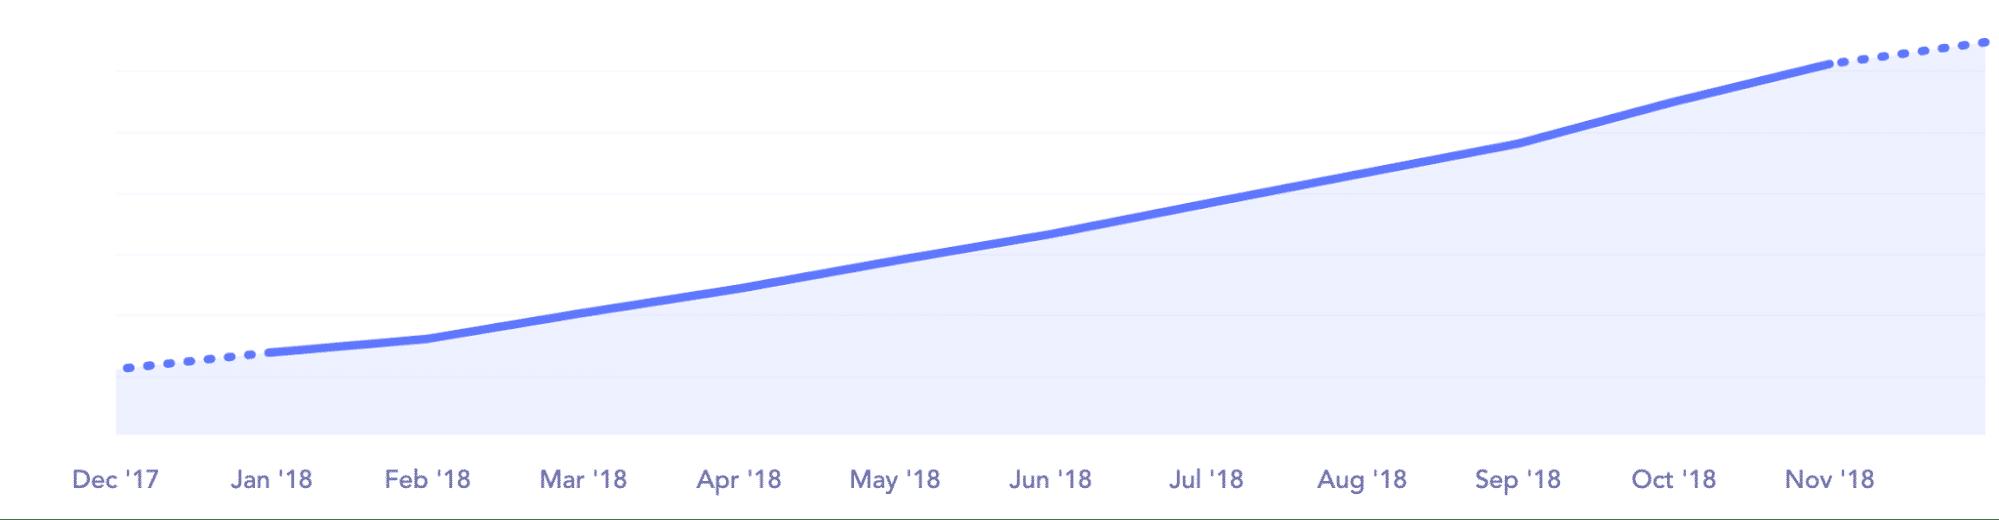 Tasa de crecimiento de clientela